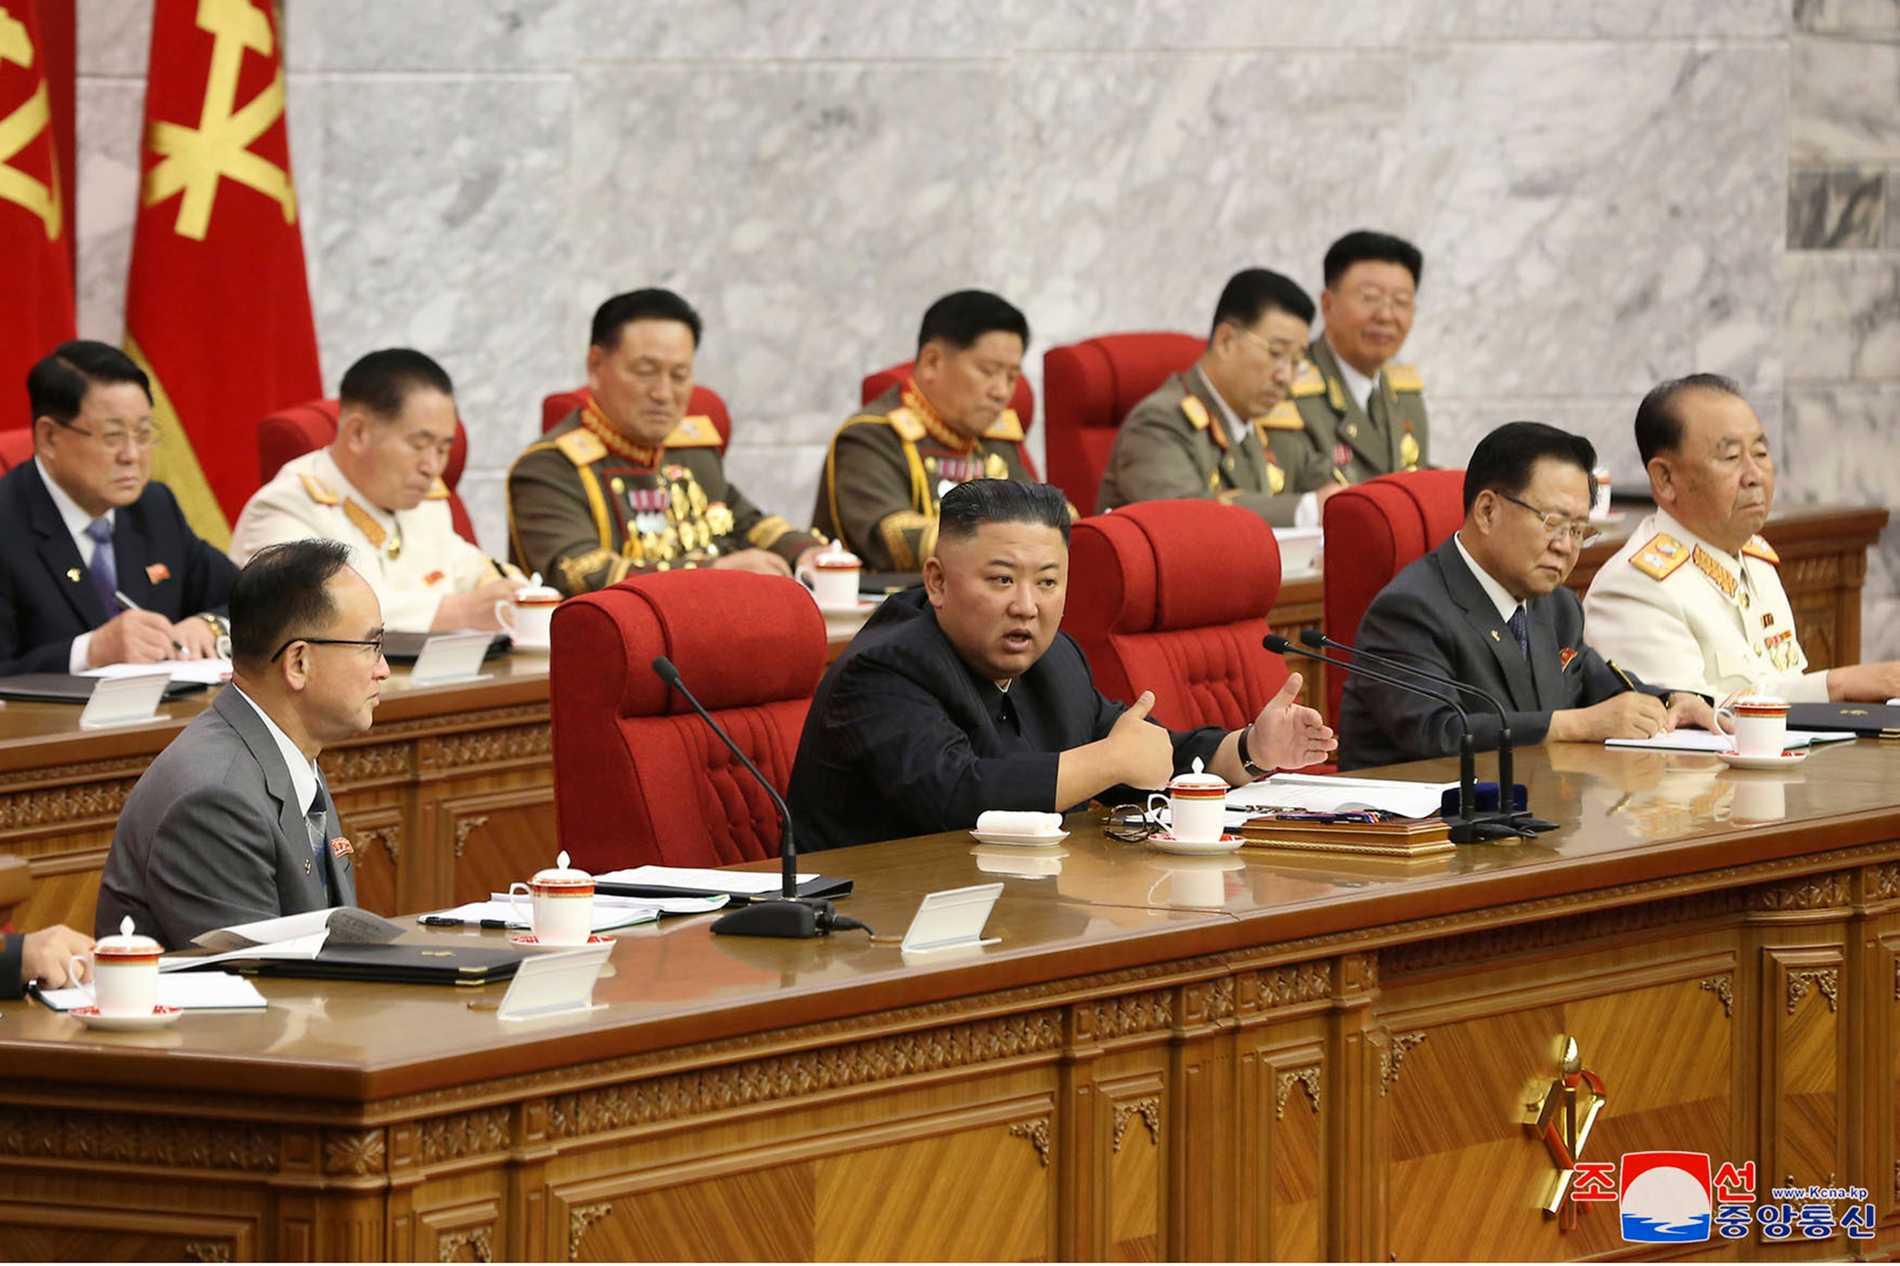 Kim Jong-Un uppmanar sina landsmän i Nordkorea att göra sig redo för både samtal och konfrontation med USA.